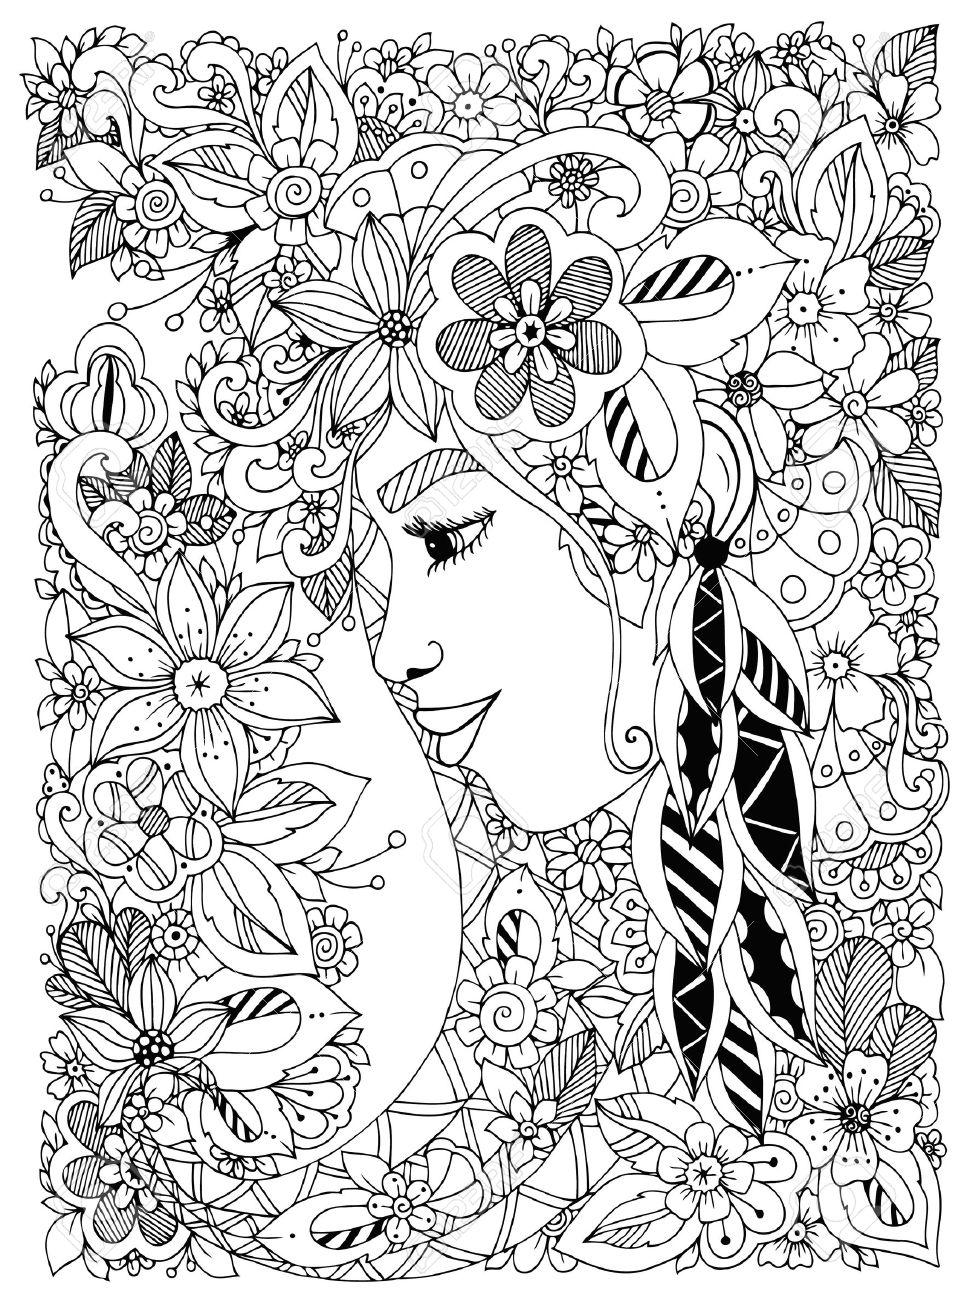 Vektor-Illustration Zen Tangle Porträt Einer Frau In Einem ...